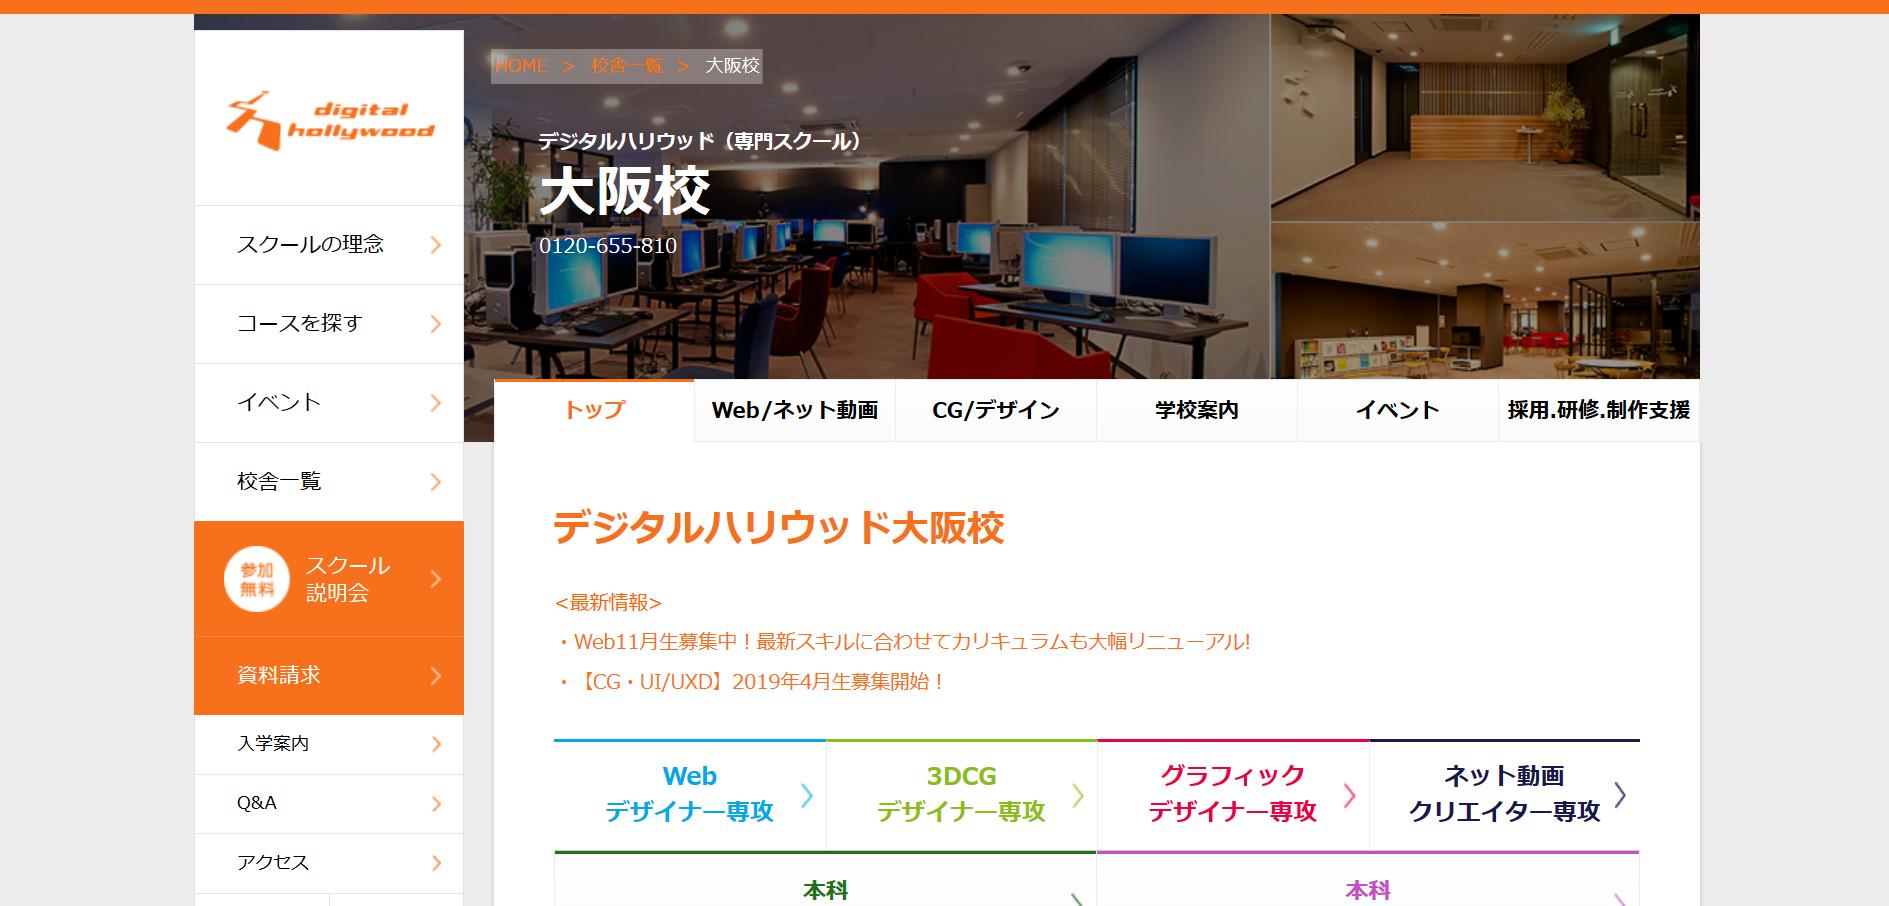 デジタルハリウッド 大阪校の評判・口コミ